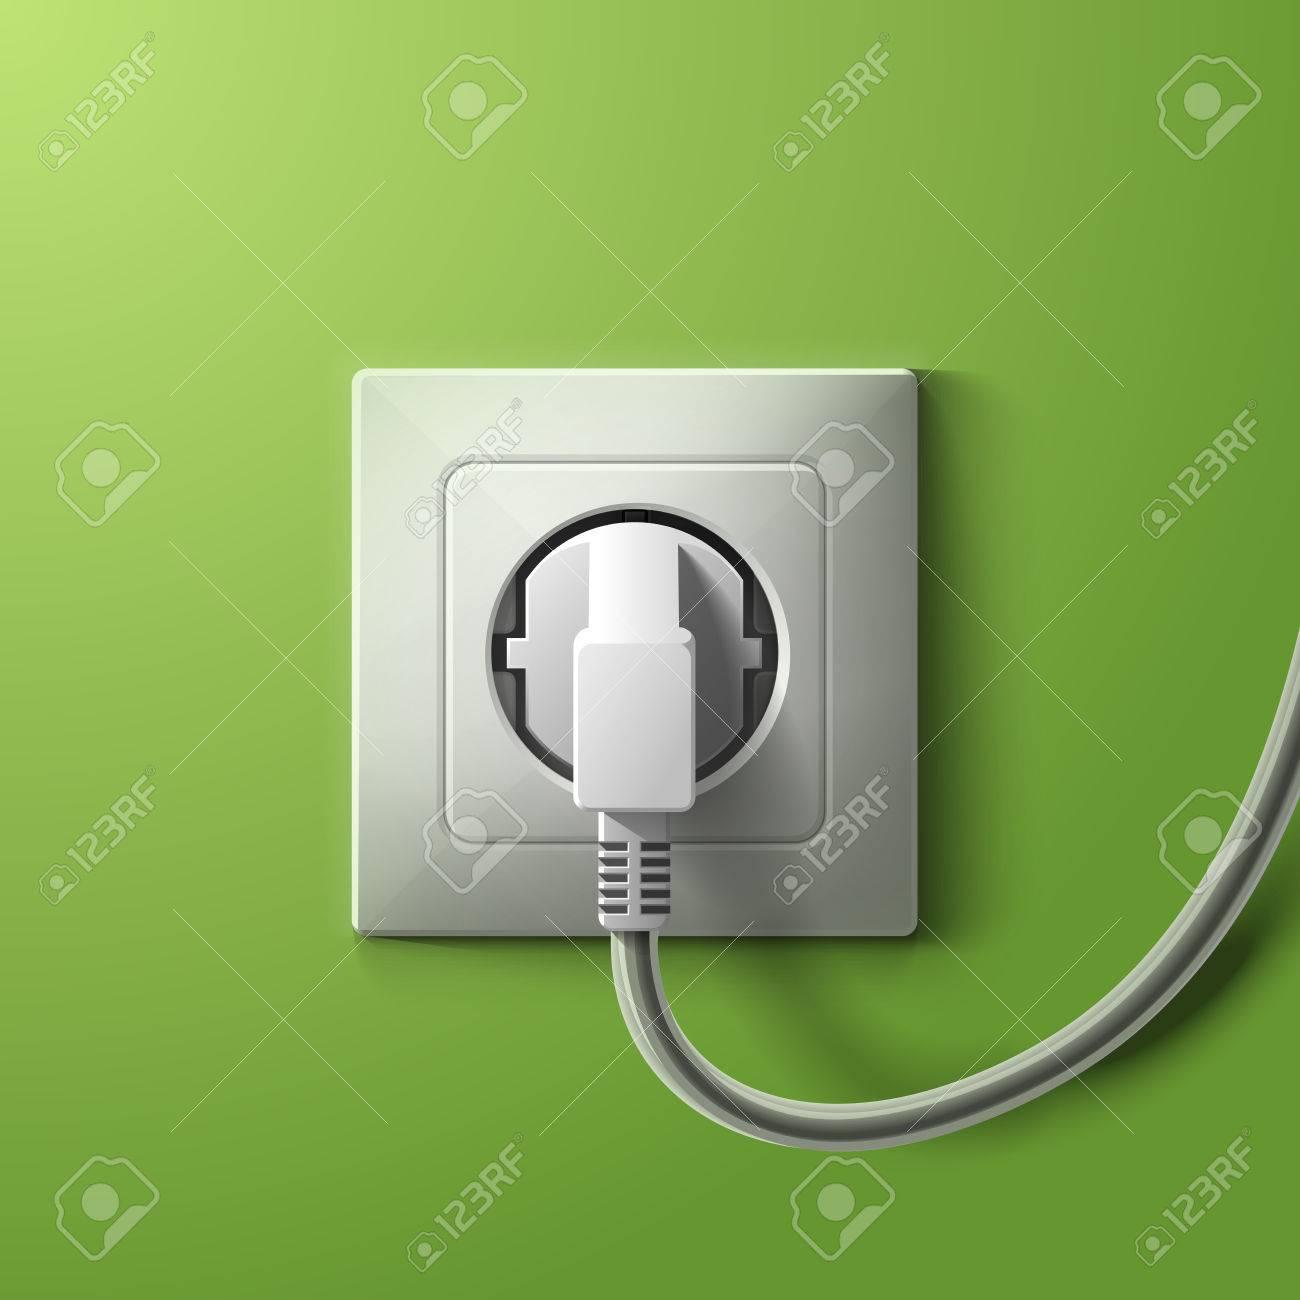 Beste Weiße Schwarze Und Grüne Elektrische Drähte Bilder ...